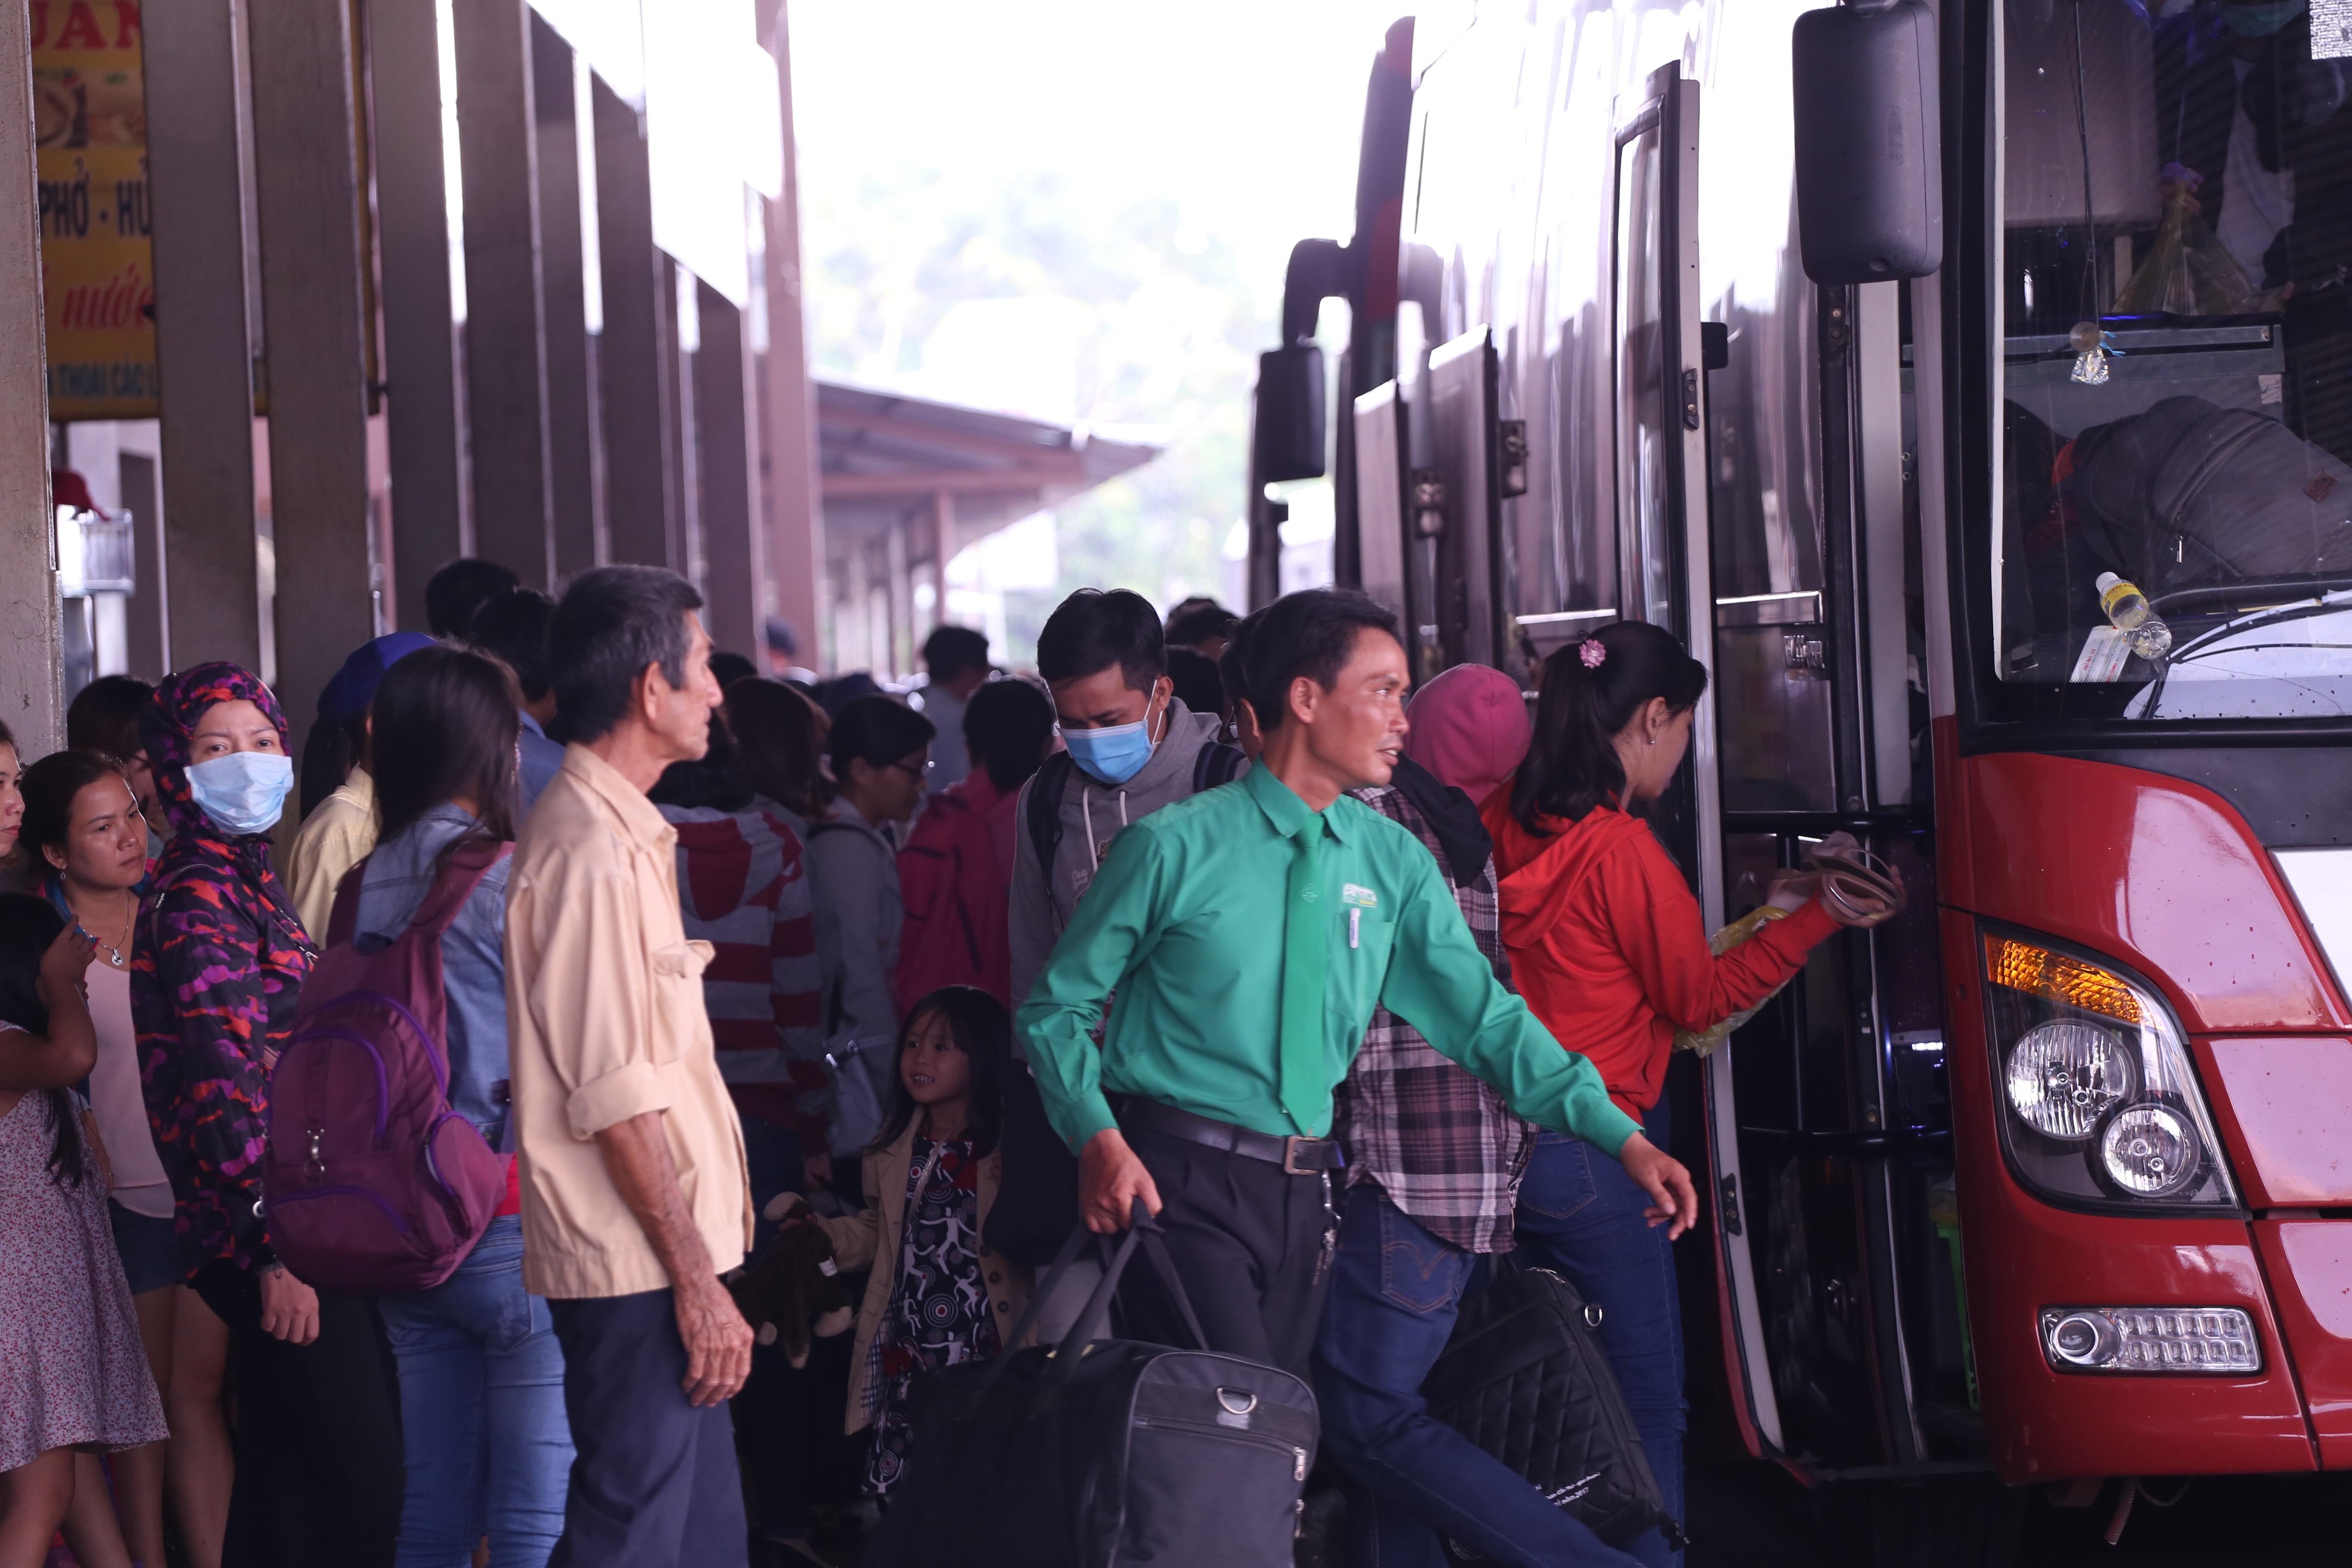 Kết thúc kỳ nghỉ lễ, người dân lỉnh kỉnh đồ đạc, mang theo trẻ nhỏ ùn ùn trở lại Hà Nội và Sài Gòn - Ảnh 24.